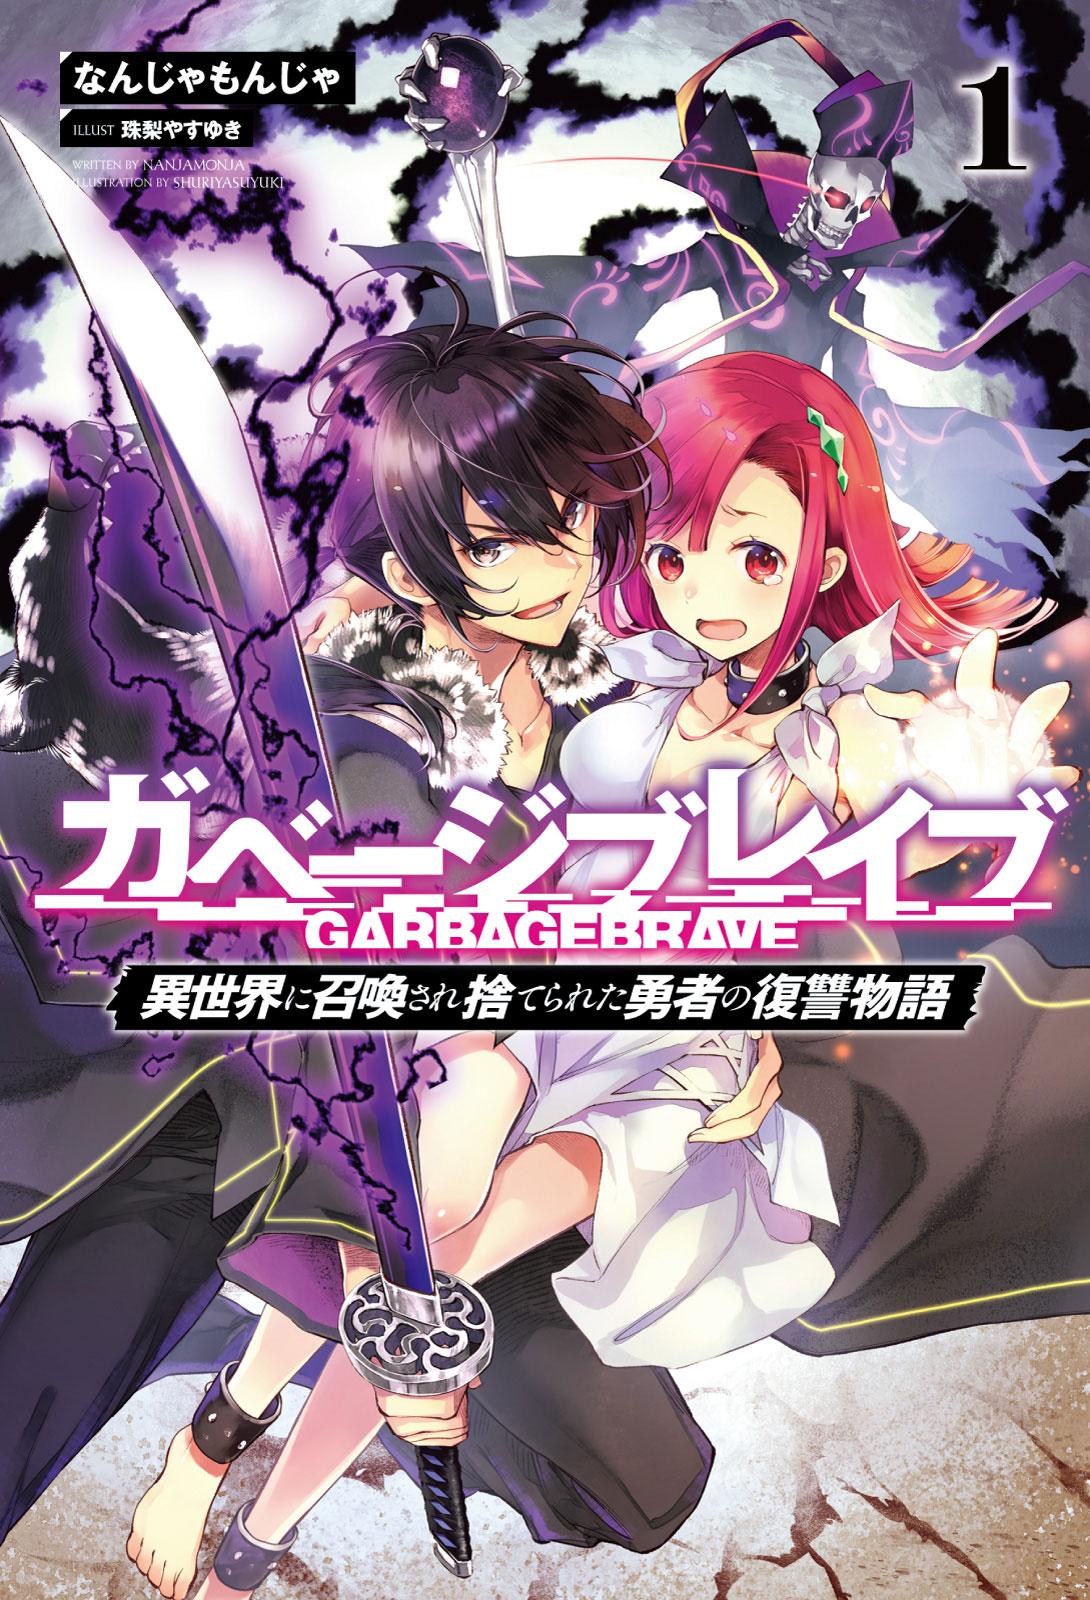 Garbage Brave: Isekai Ni Shoukan Sare Suterareta Yuusha No Fukushuu Monogatari